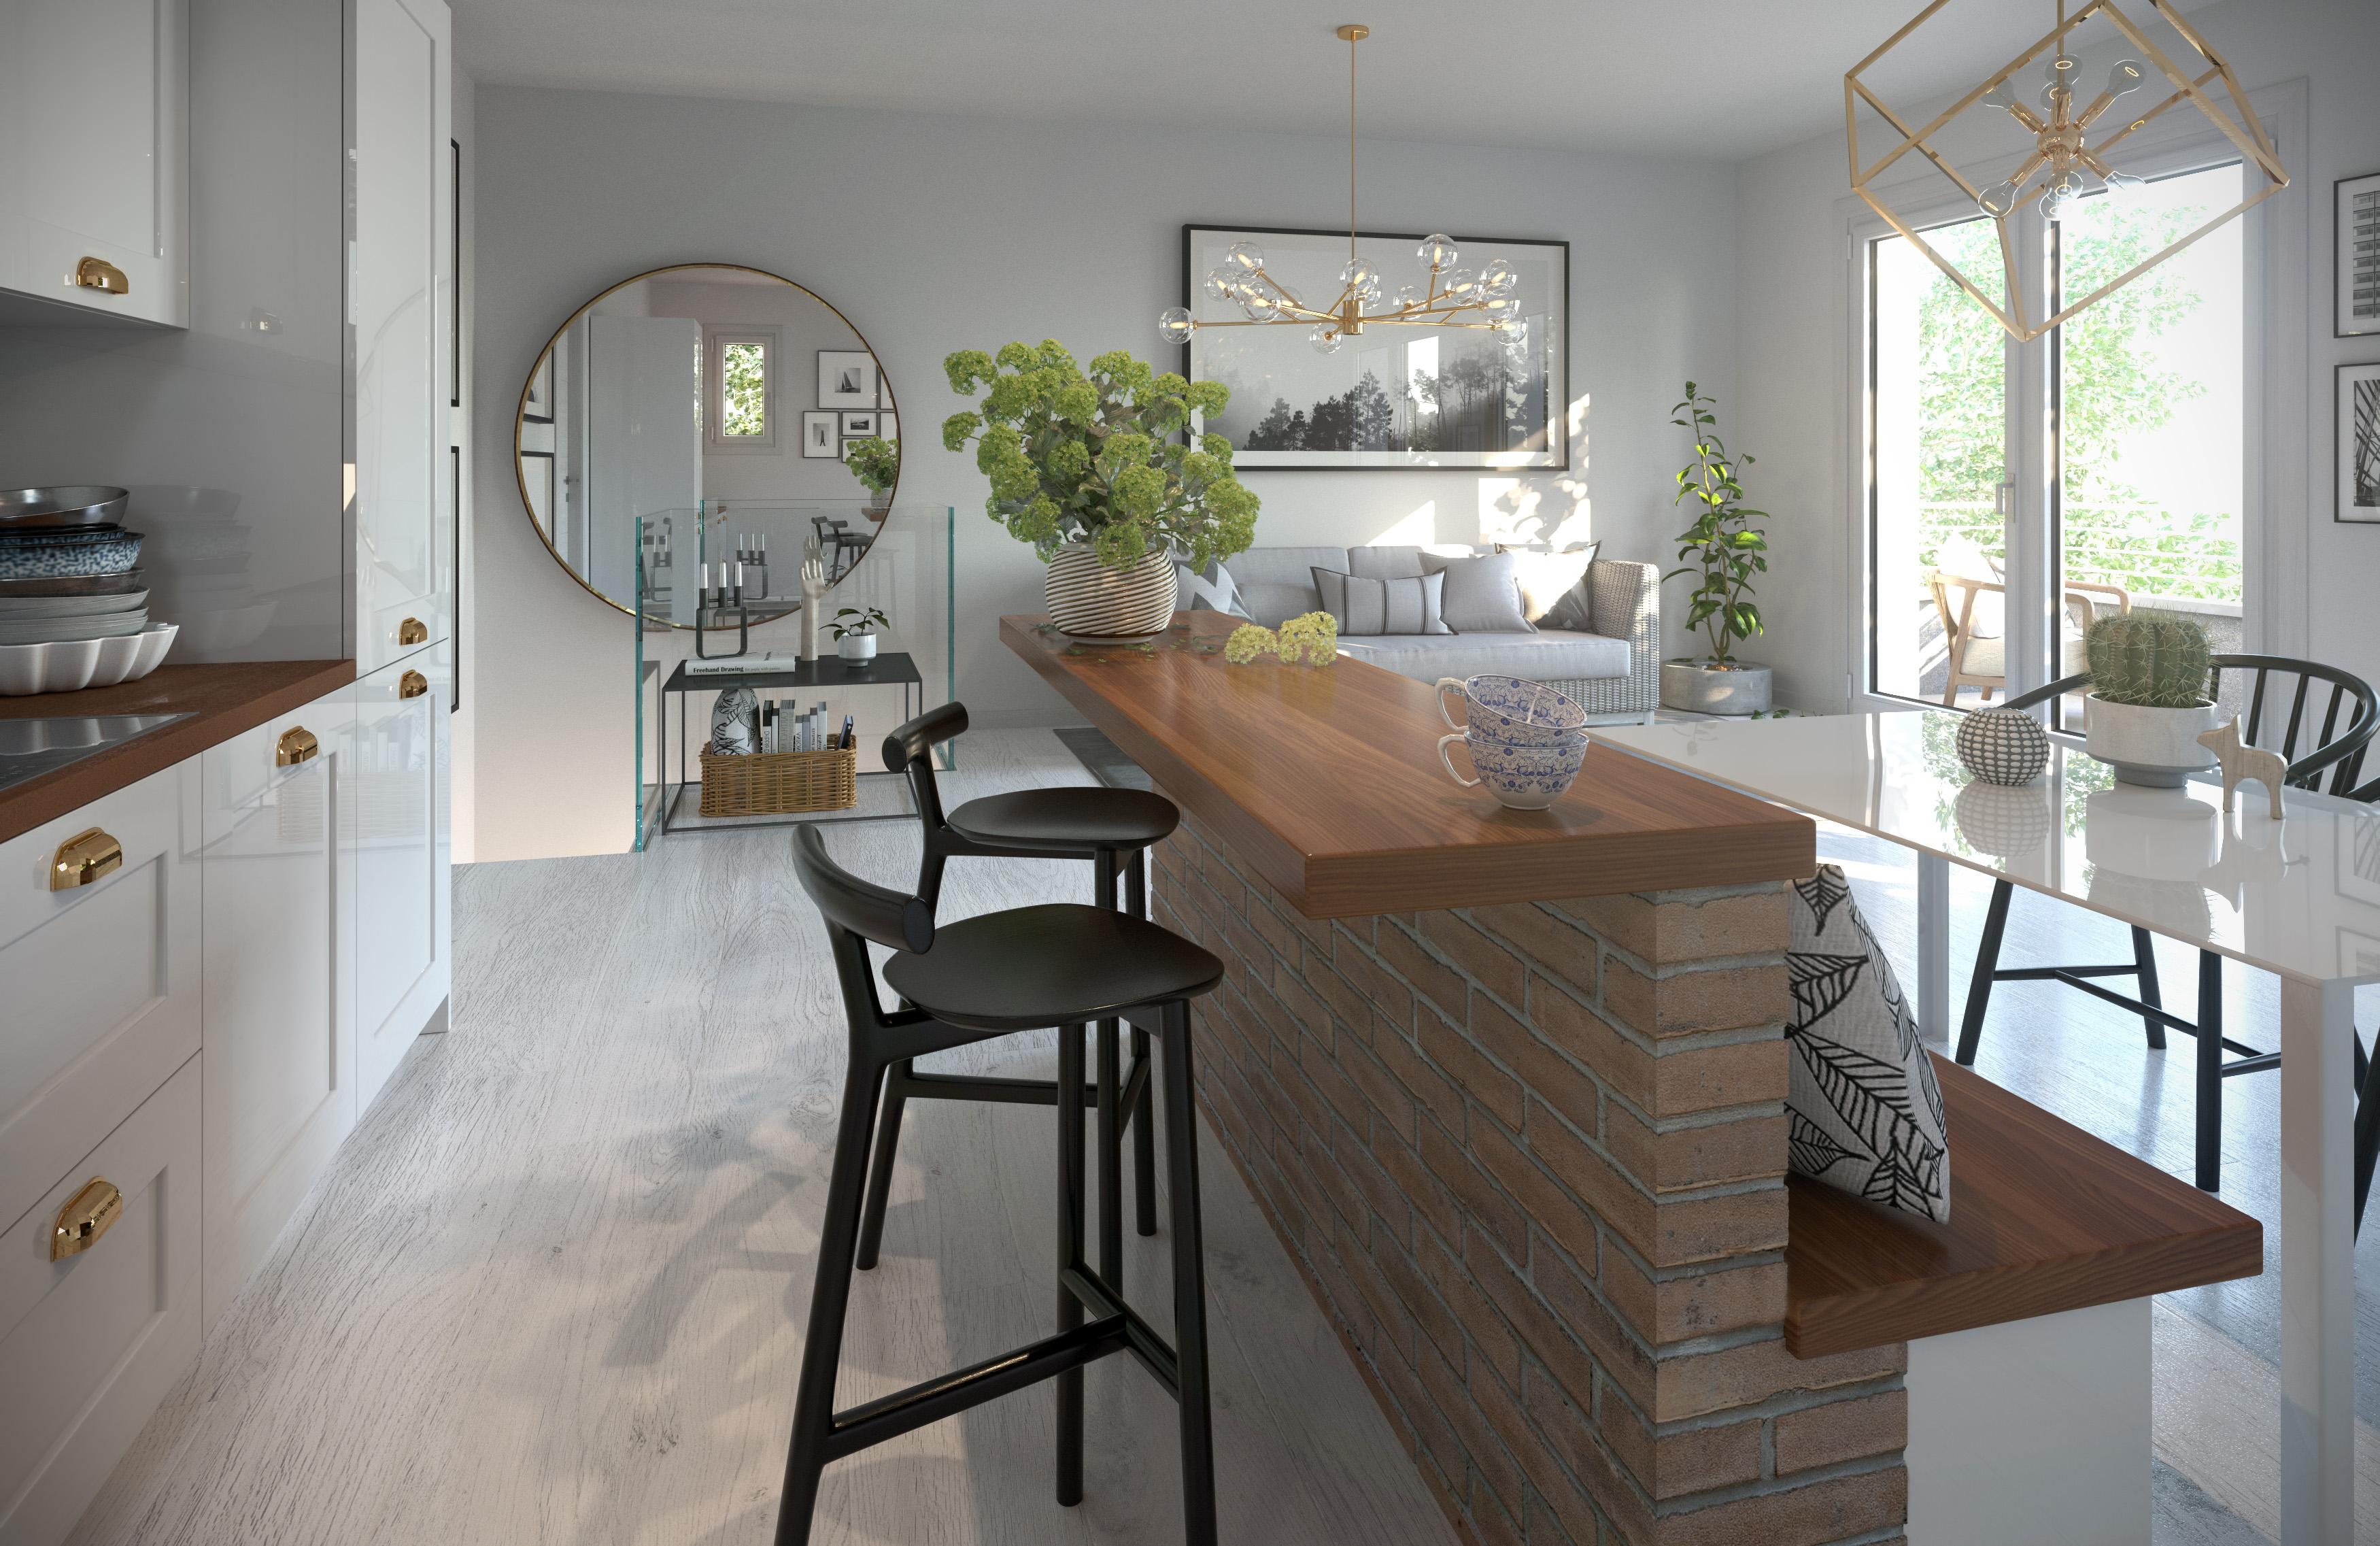 Villa Espero App. 1 Appartamento con ingresso indipendente ed ampio giardino